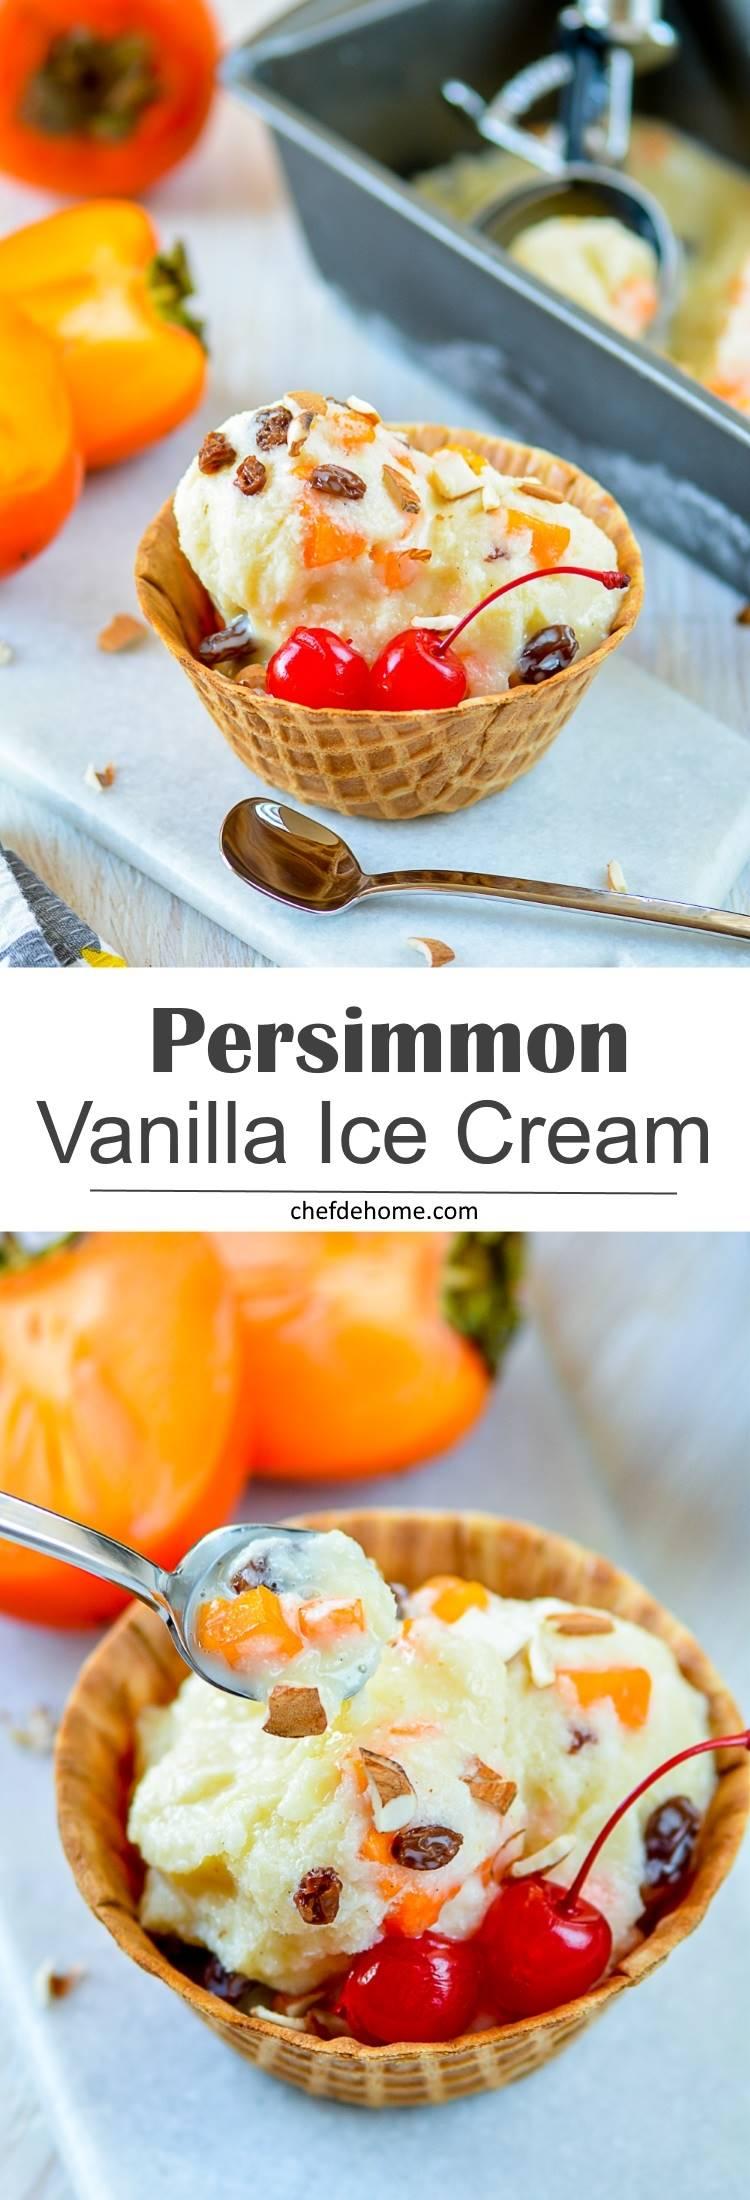 Homemade Creamy Persimmon Vanilla Ice Cream | chefdehome.com